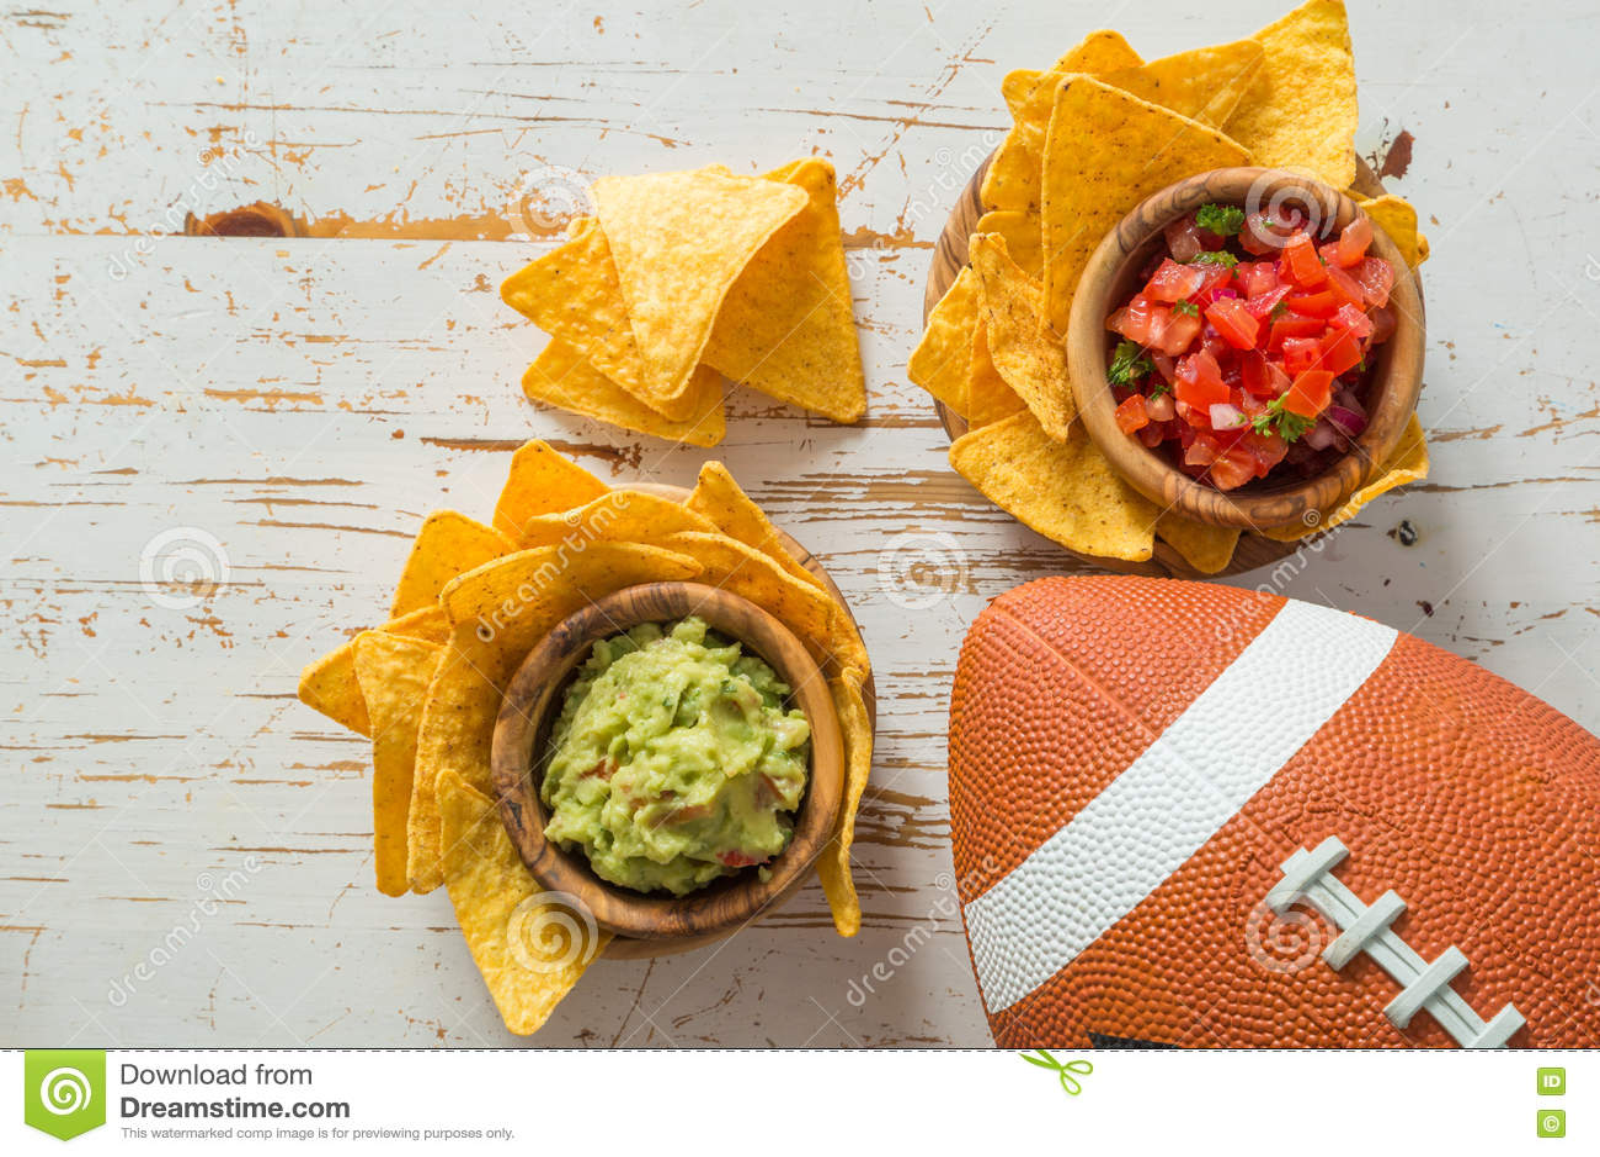 橄榄球党食物,超级杯天,烤干酪辣味玉米片辣调味汁鳄梨调味酱捣碎的鳄梨酱